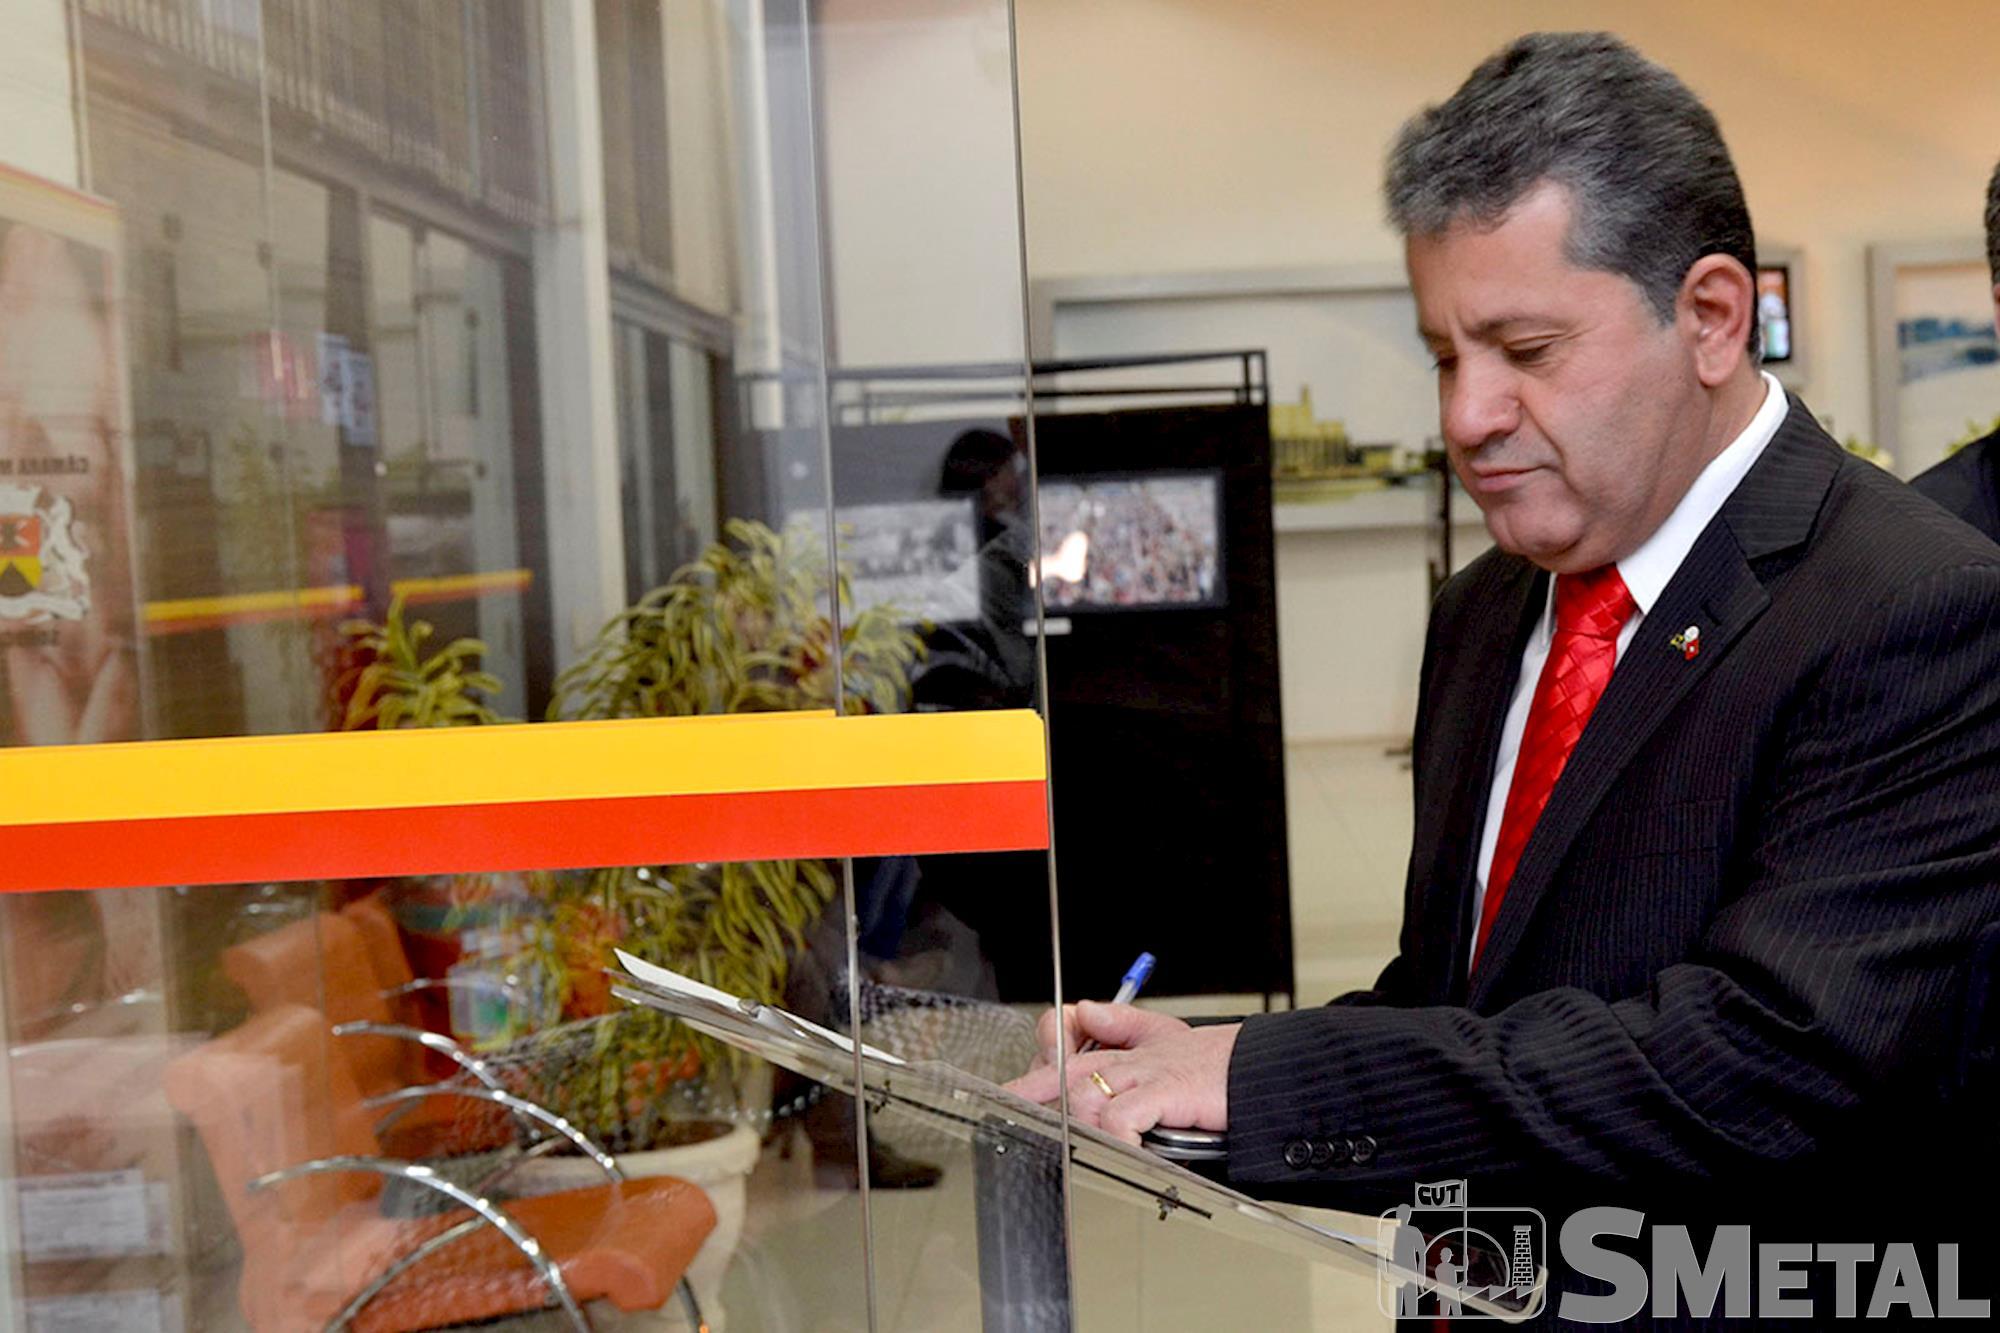 Vereador Izídio de Brito (PT),  ex-presidente do Sindicato dos Metalúrgicos de Sorocaba e Região,  foi idealizador da Sessão Solene na Câmara Municipal, Sessão Solene na Câmara de Sorocaba comemora 30 anos de CUT